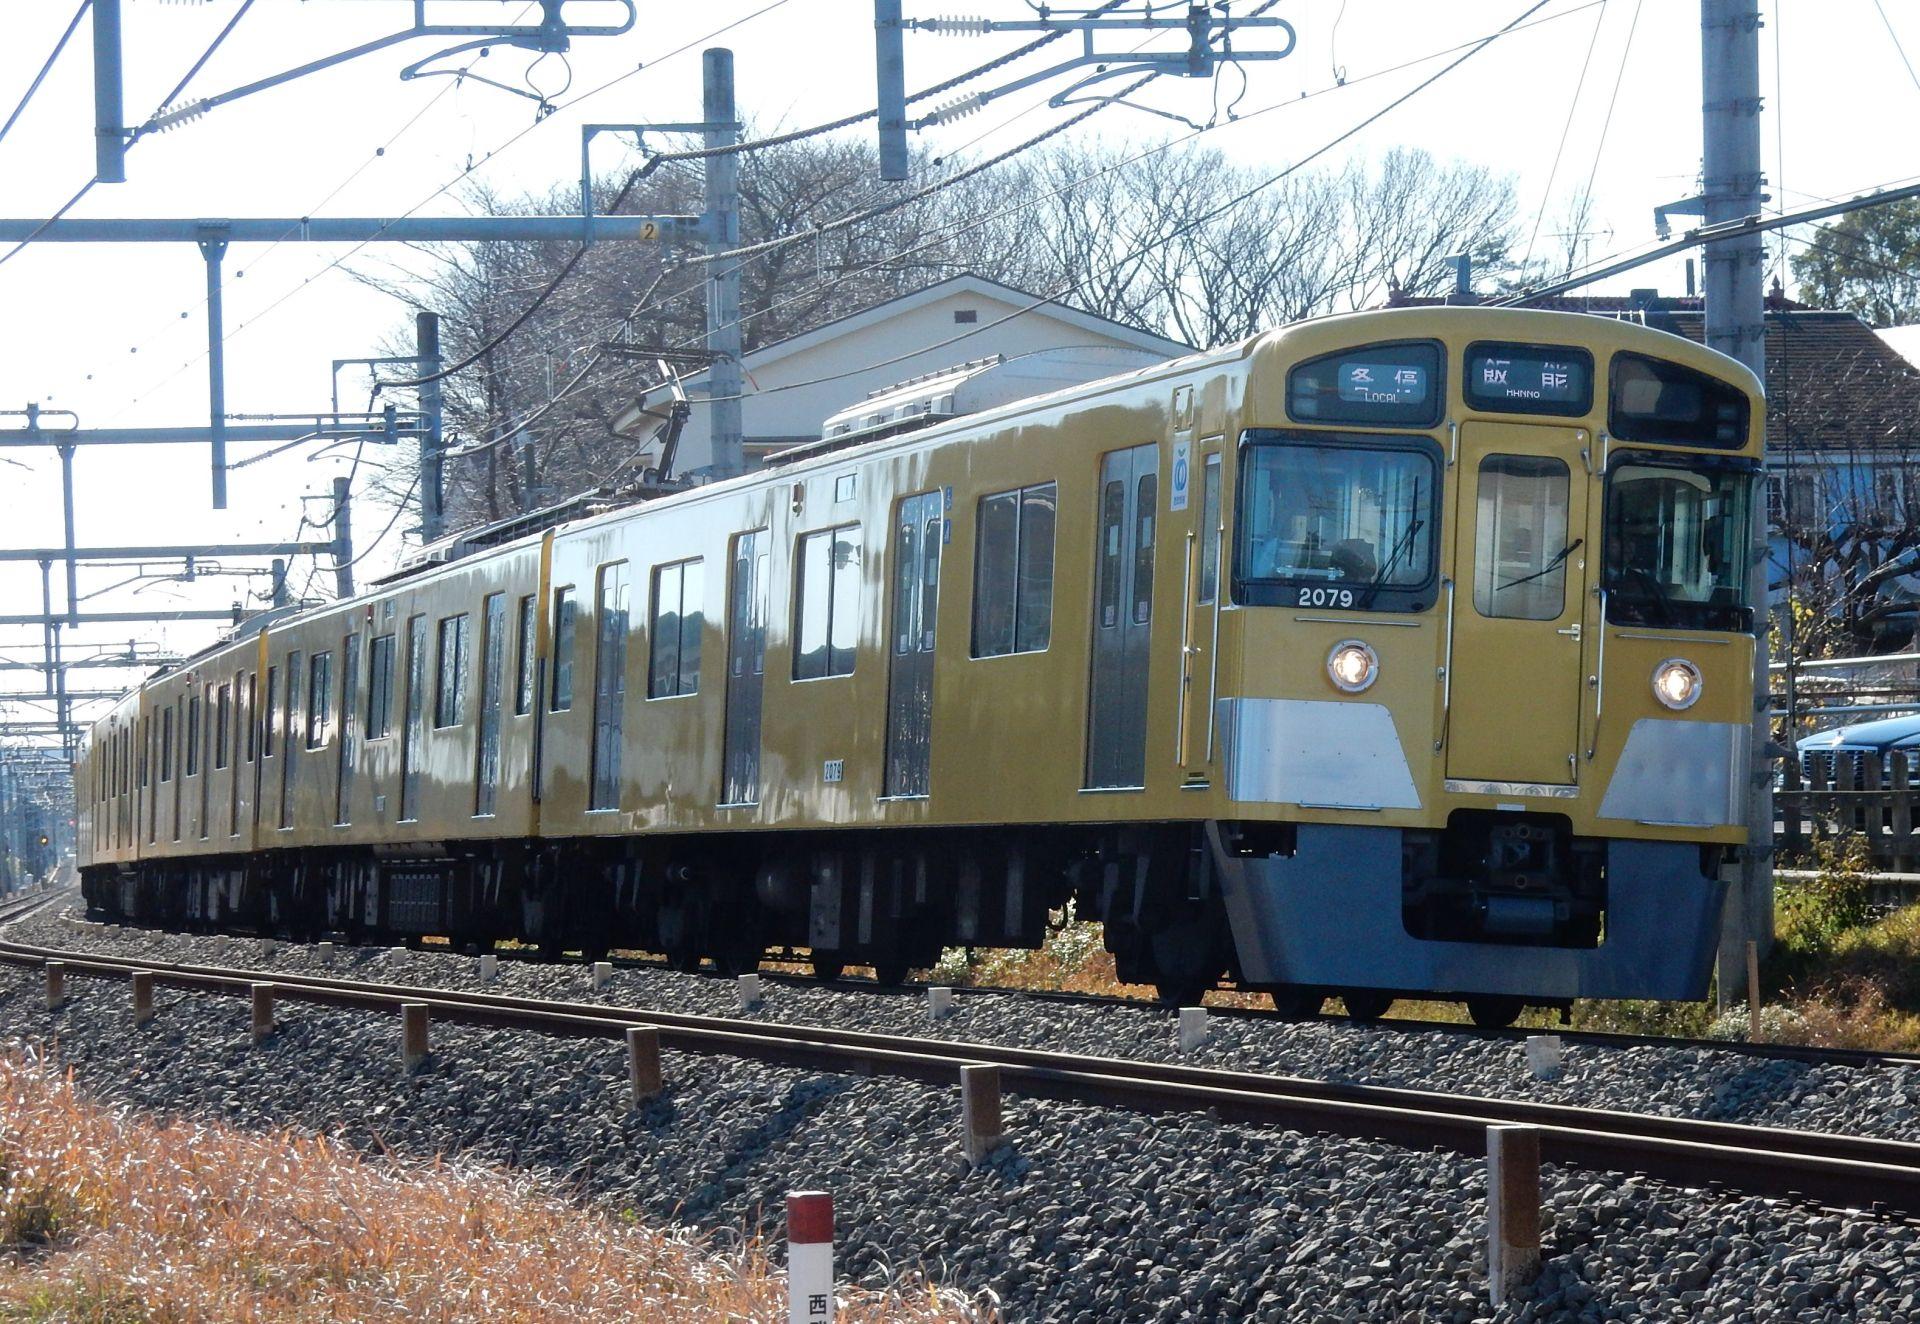 DSCN8851.jpg